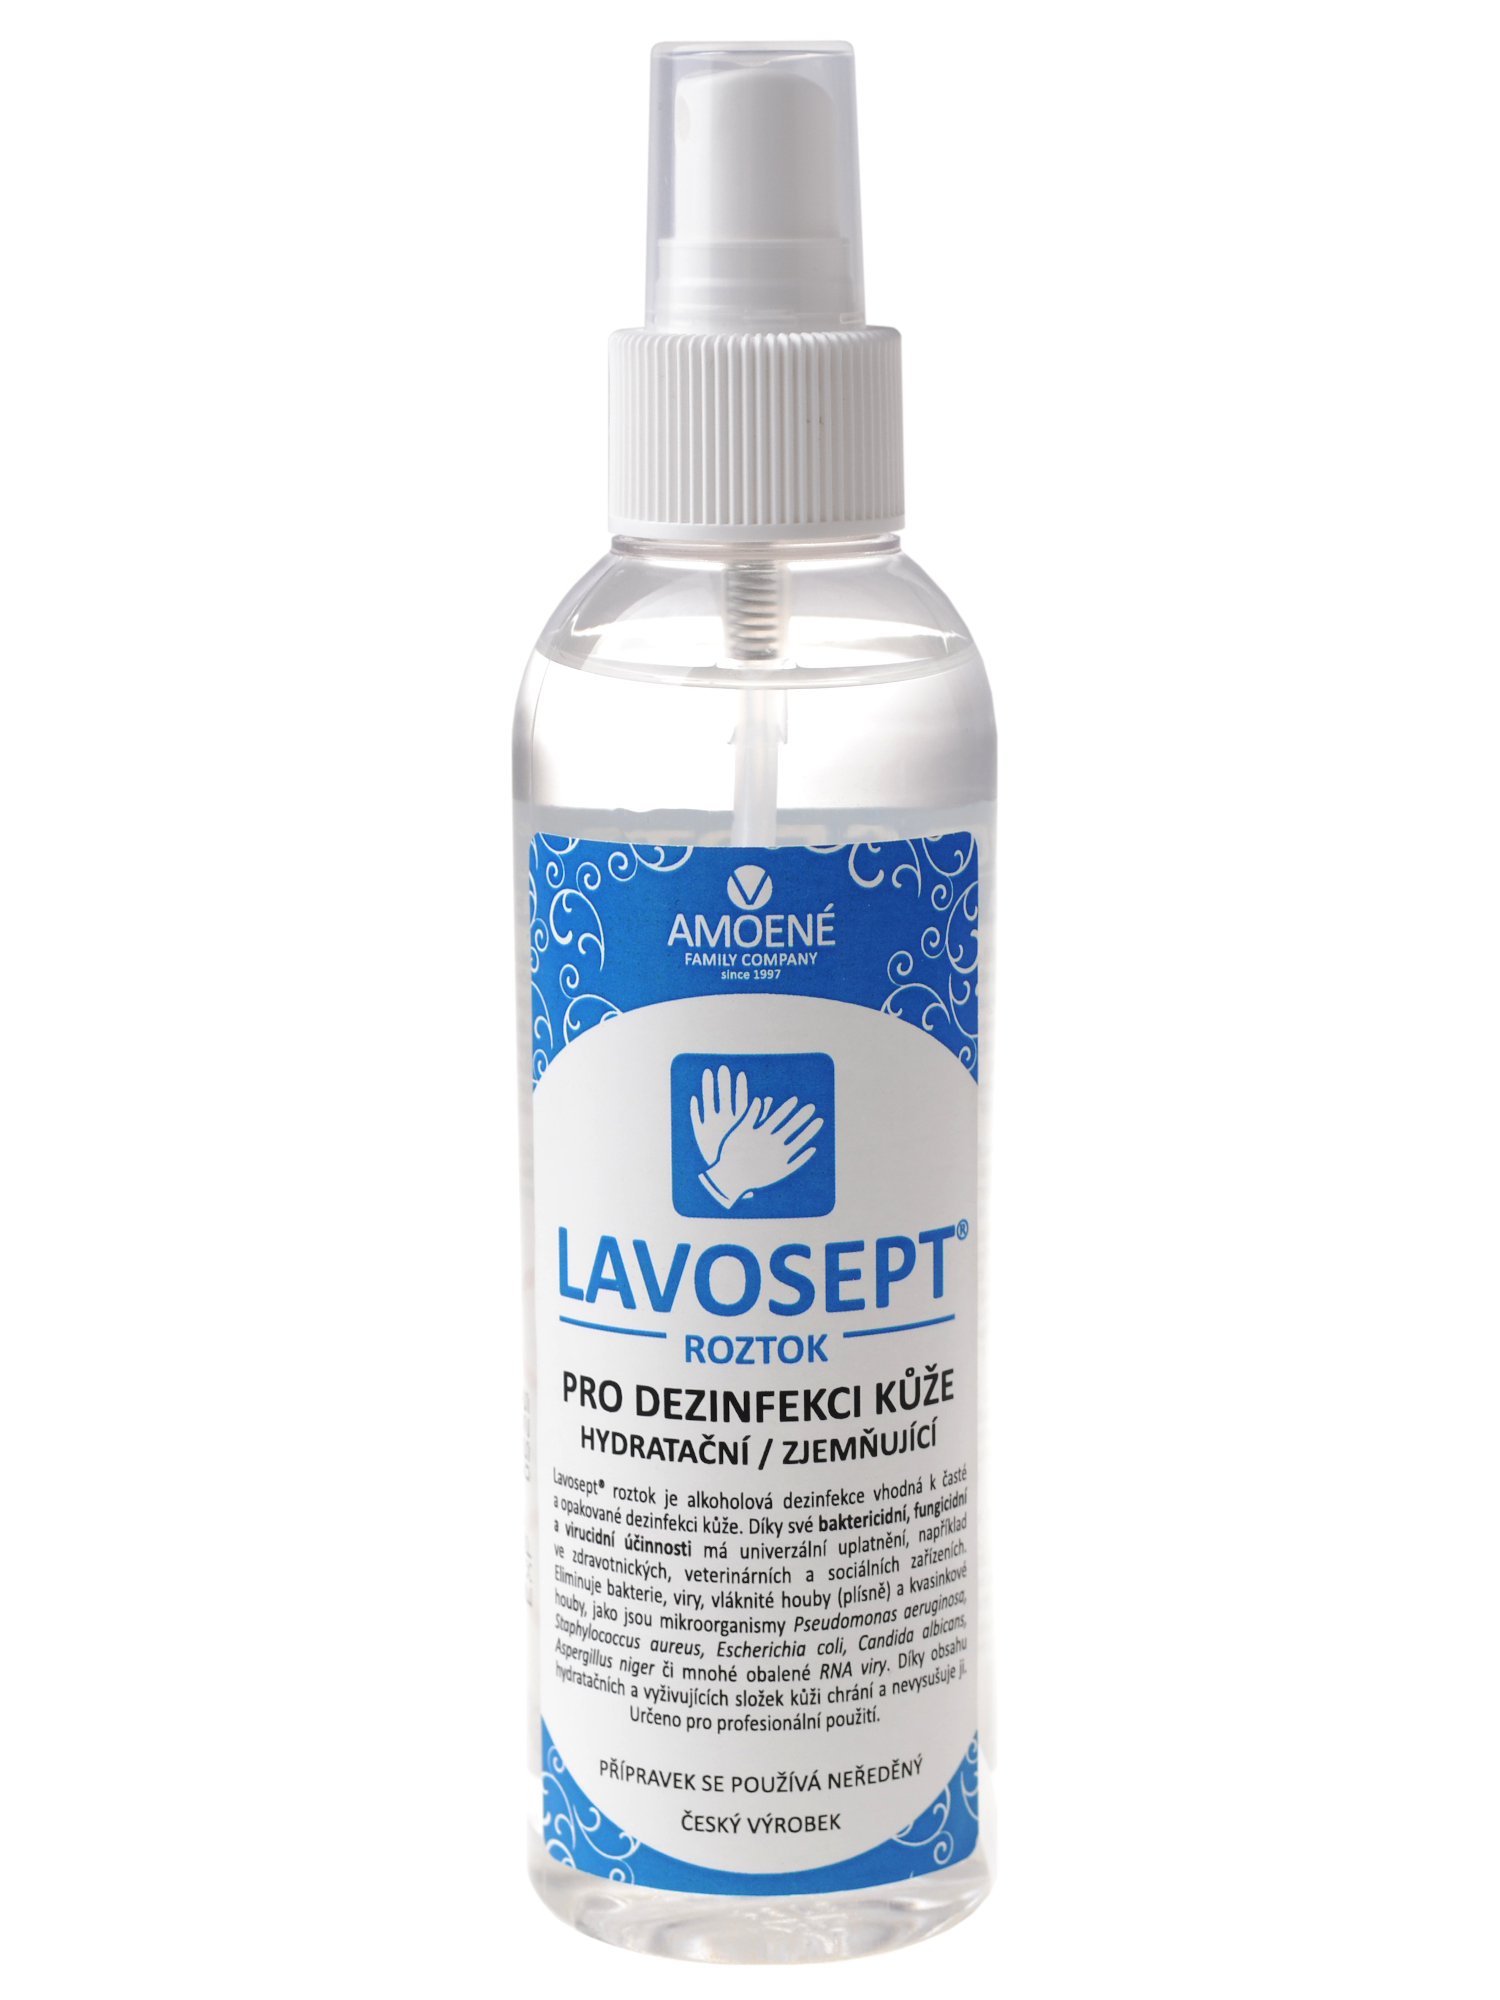 Dezinfekce kůže ve spreji Amoené Lavosept - 200 ml (013102M200) + DÁREK ZDARMA